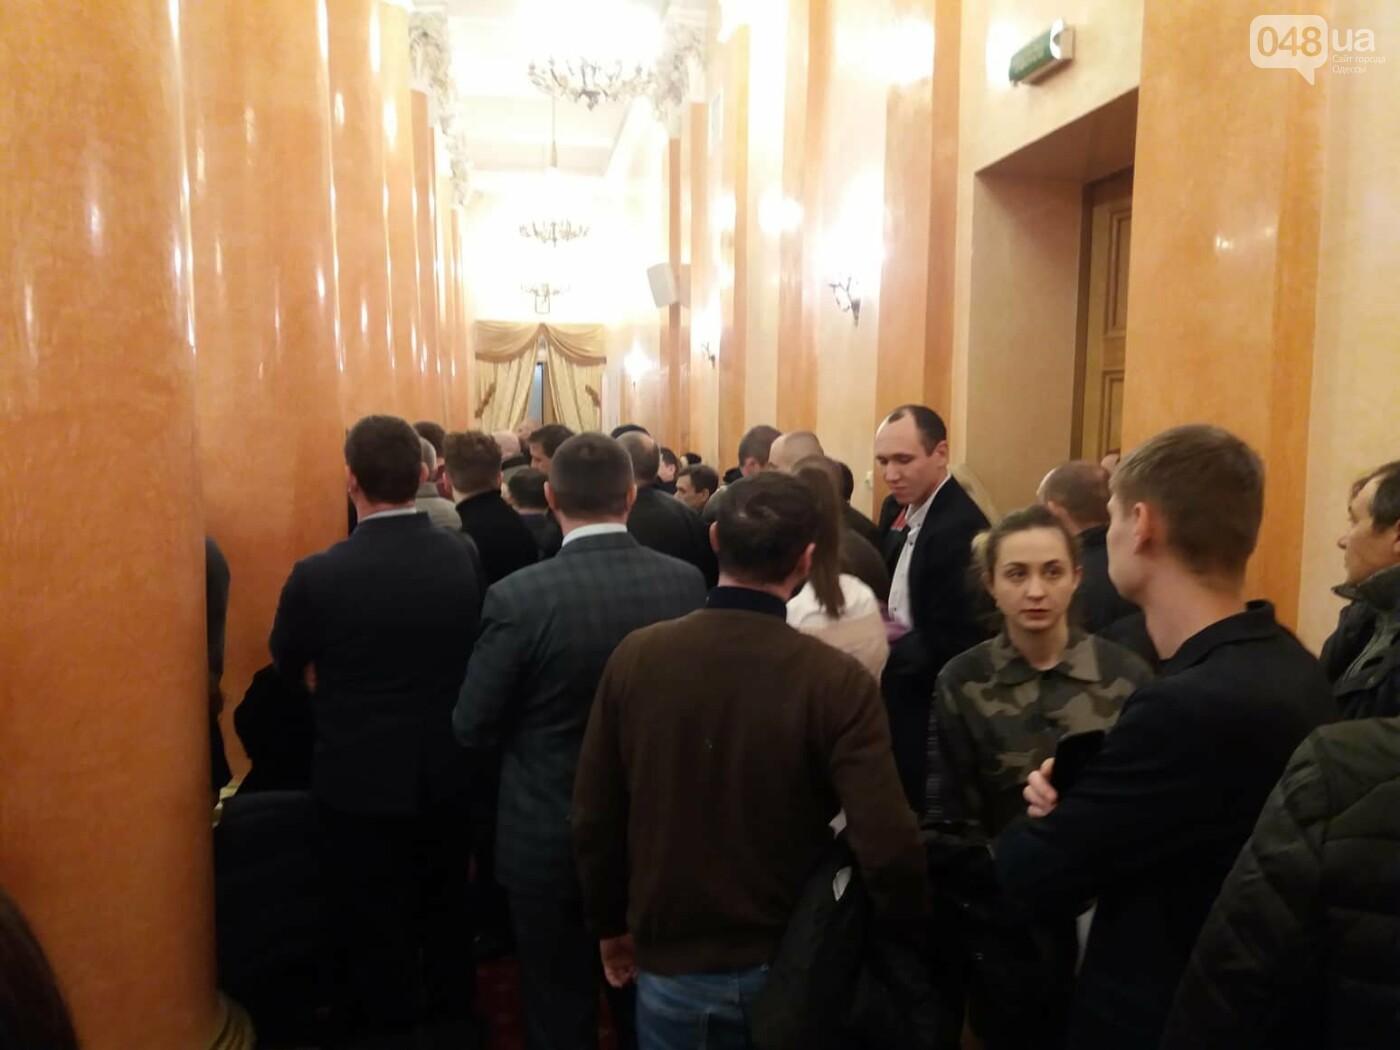 В Одессе началась сессия городского совета, - ФОТО, фото-4, Фото